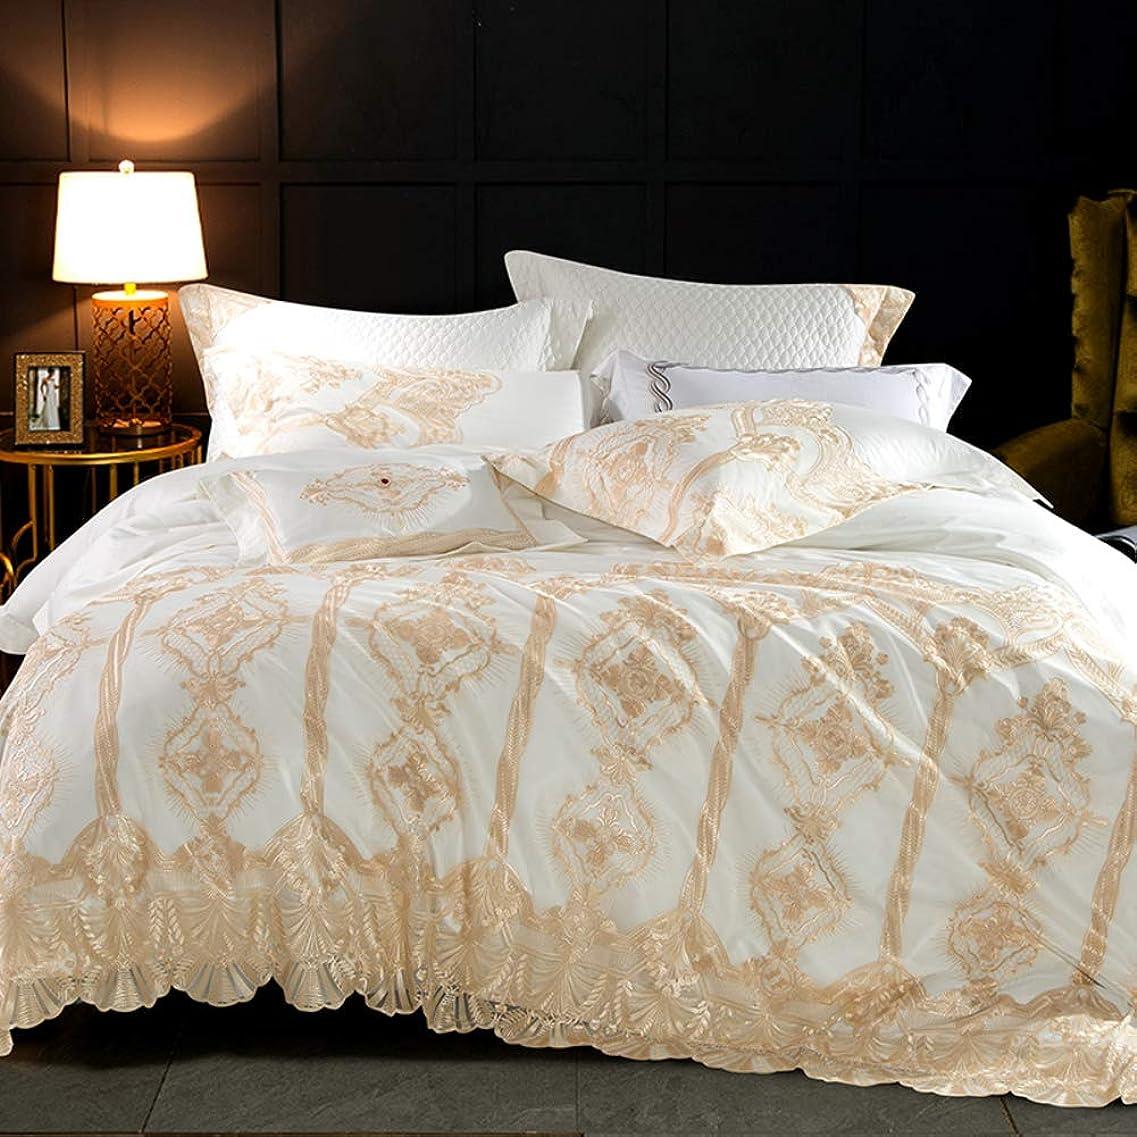 計算雪等価ヨーロッパのレース 寝具 綿コットン 単色 プリンセス風 4 つの部分,キルトカバーベッド ベッドスカート ベッドカバー レーストリム弾性ベッド ラップ-a